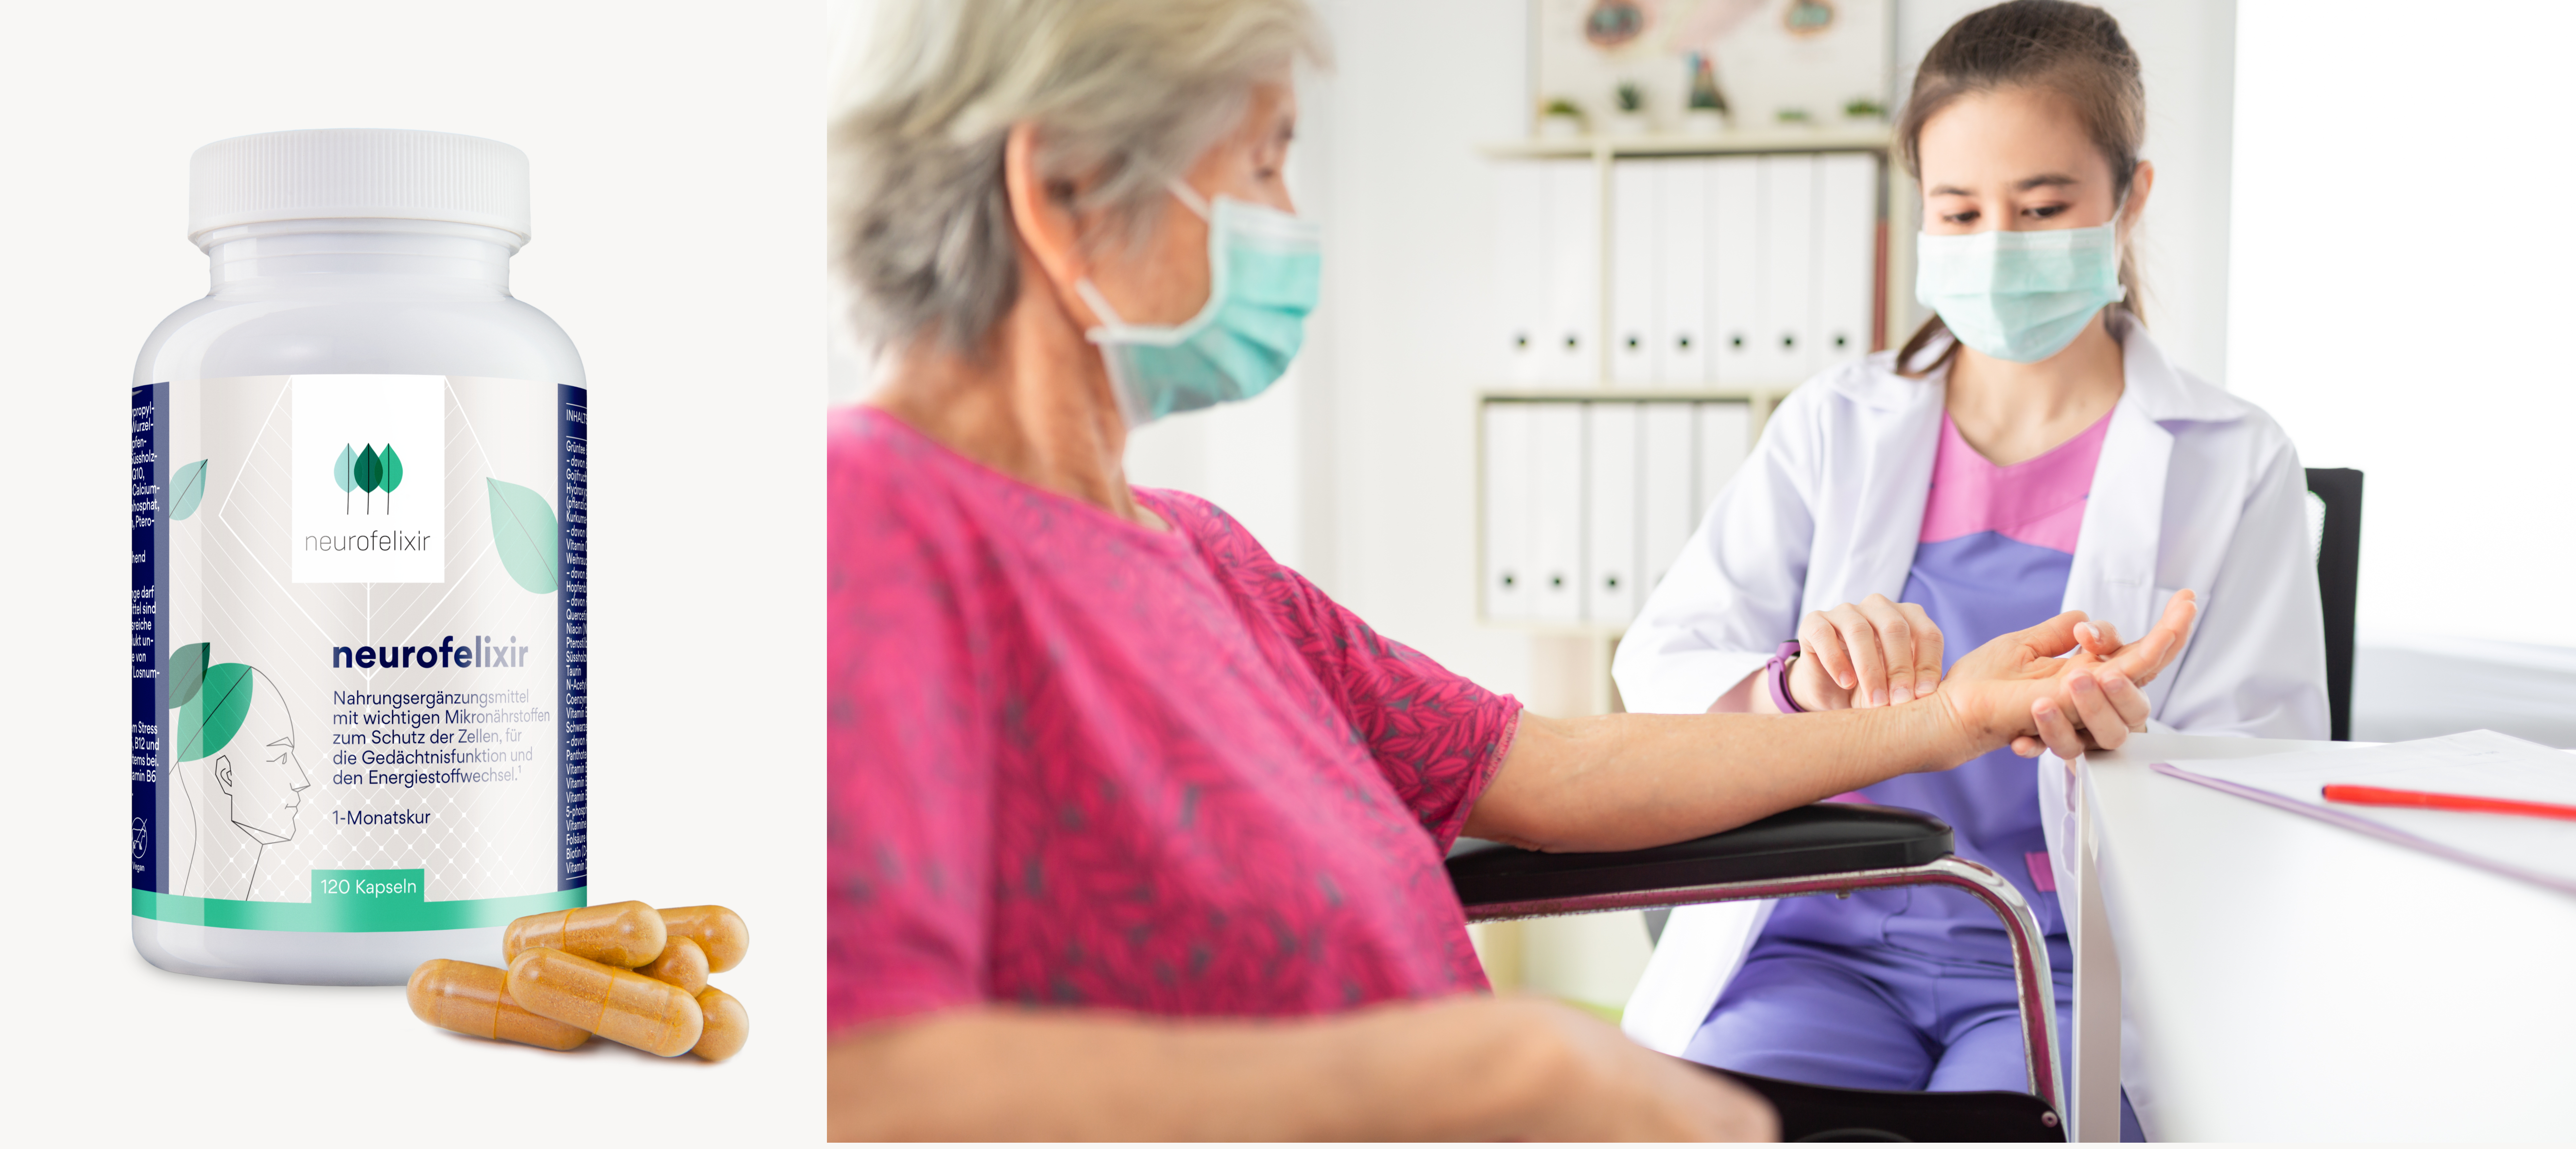 neurofelixir® wird von zahlreichen Heilpraktikern und Ärzten  empfohlen